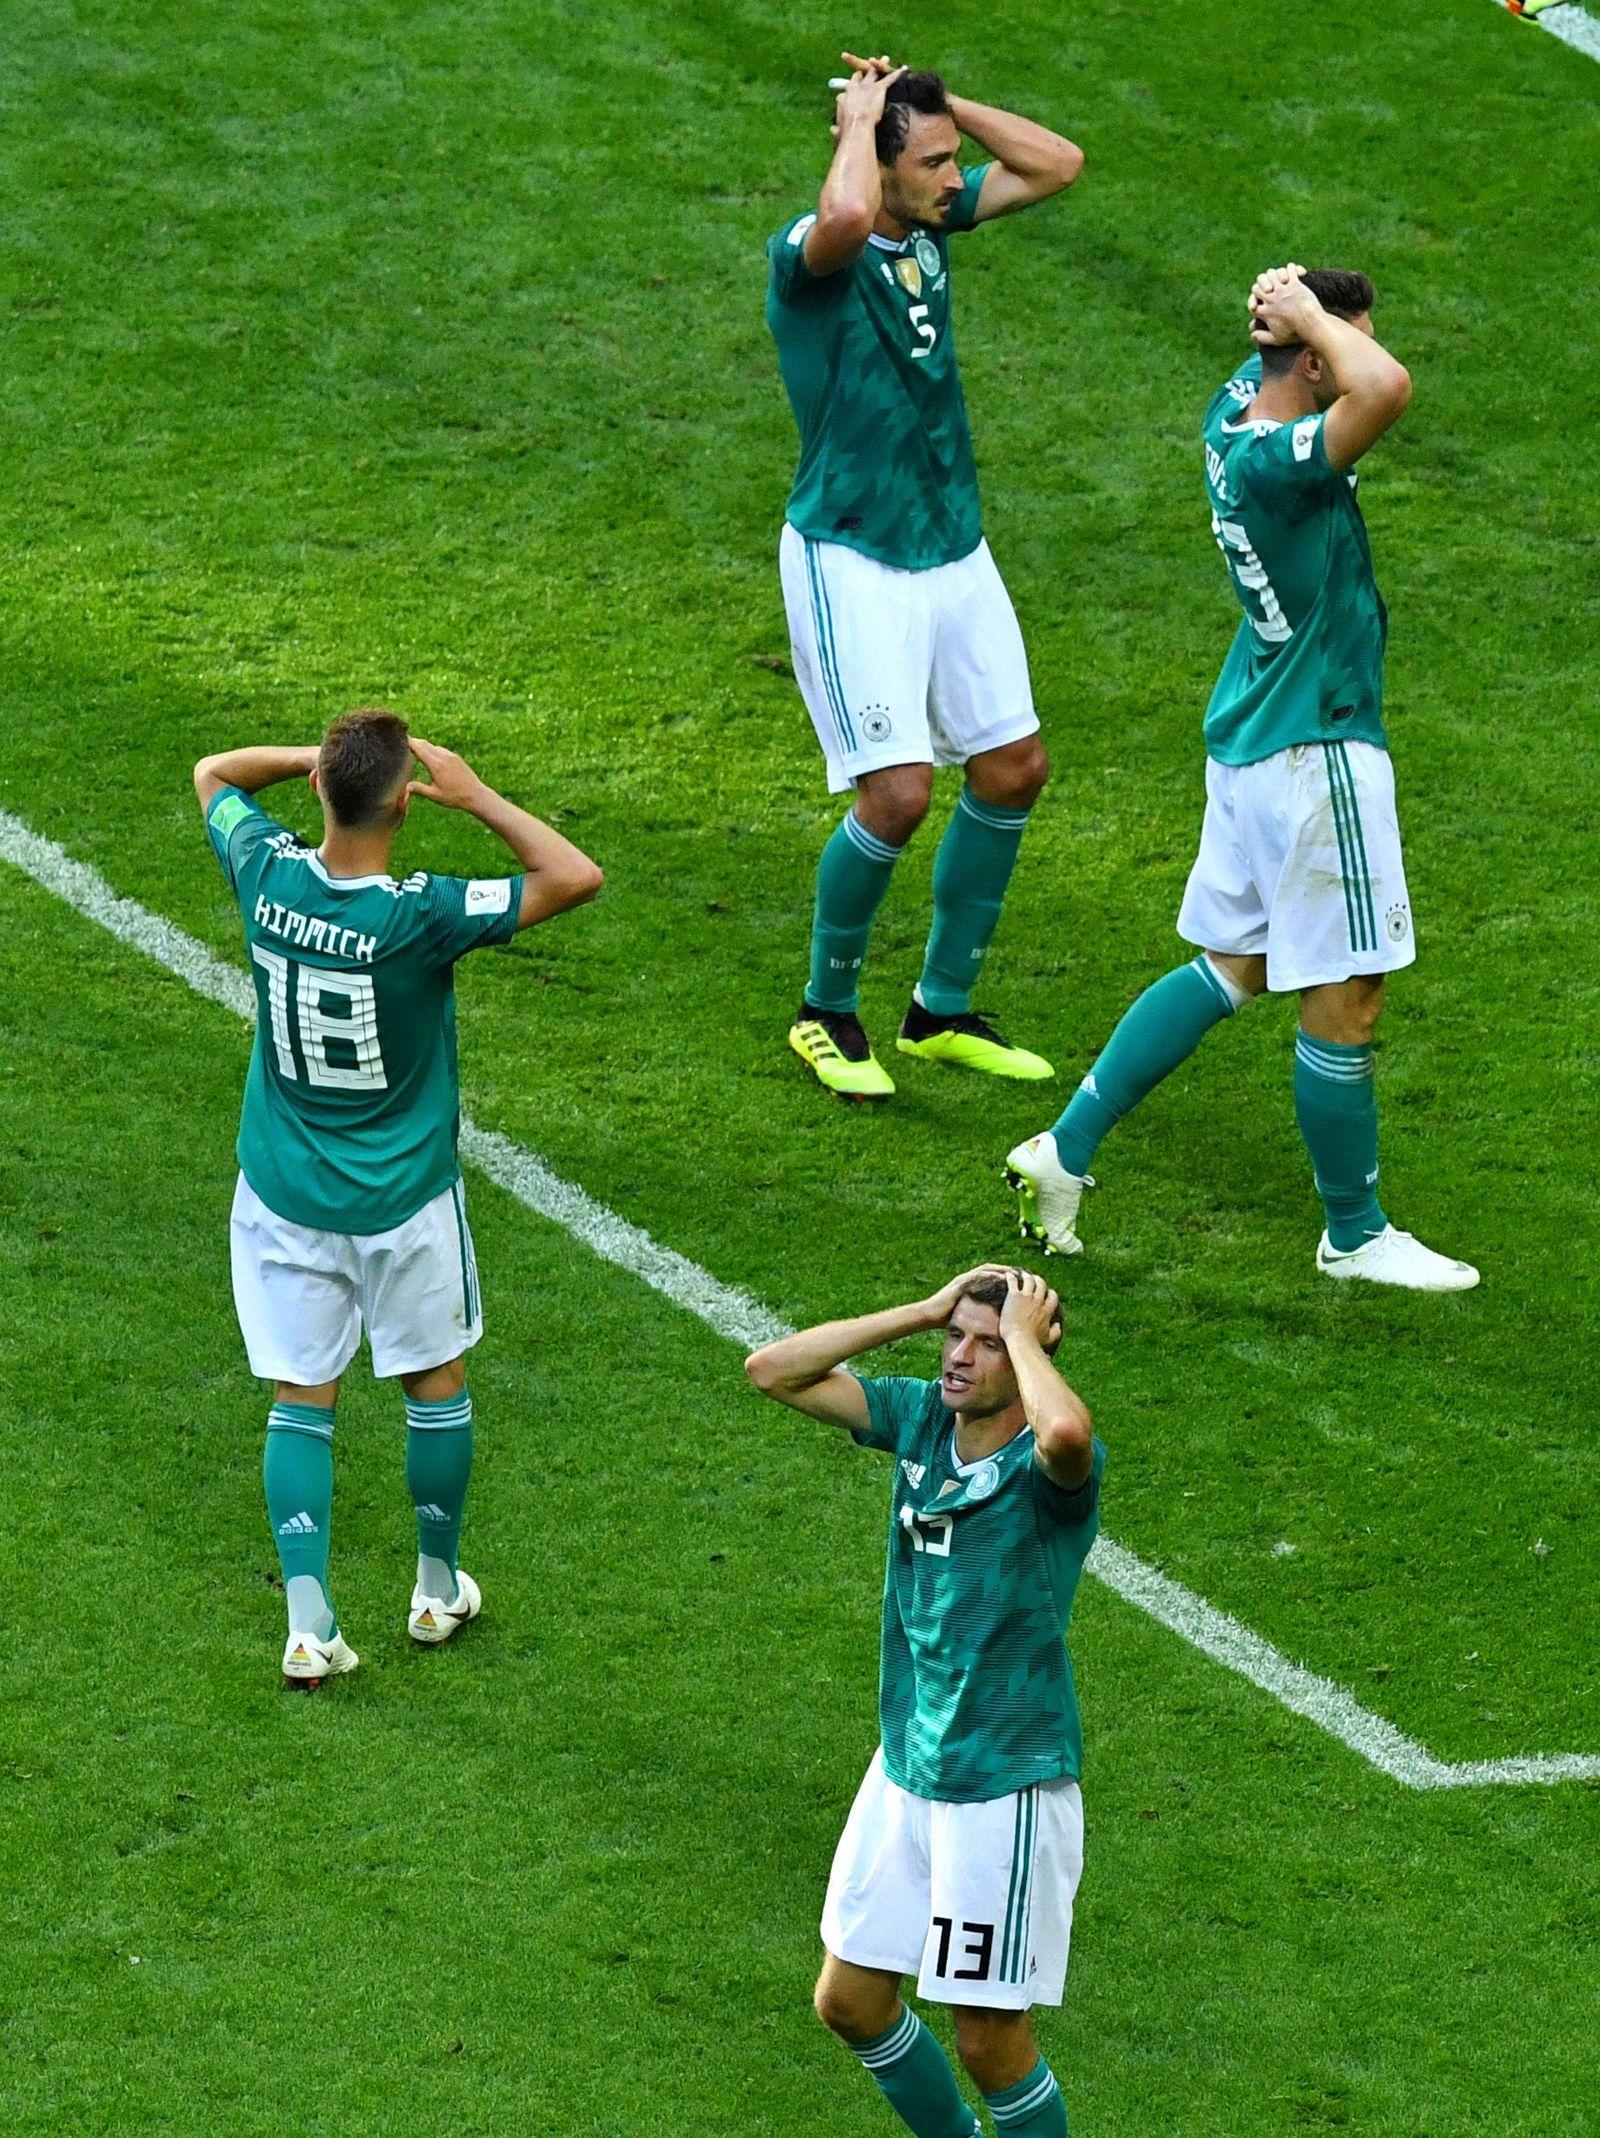 SOCCER-WORLDCUP-KOR-GER/